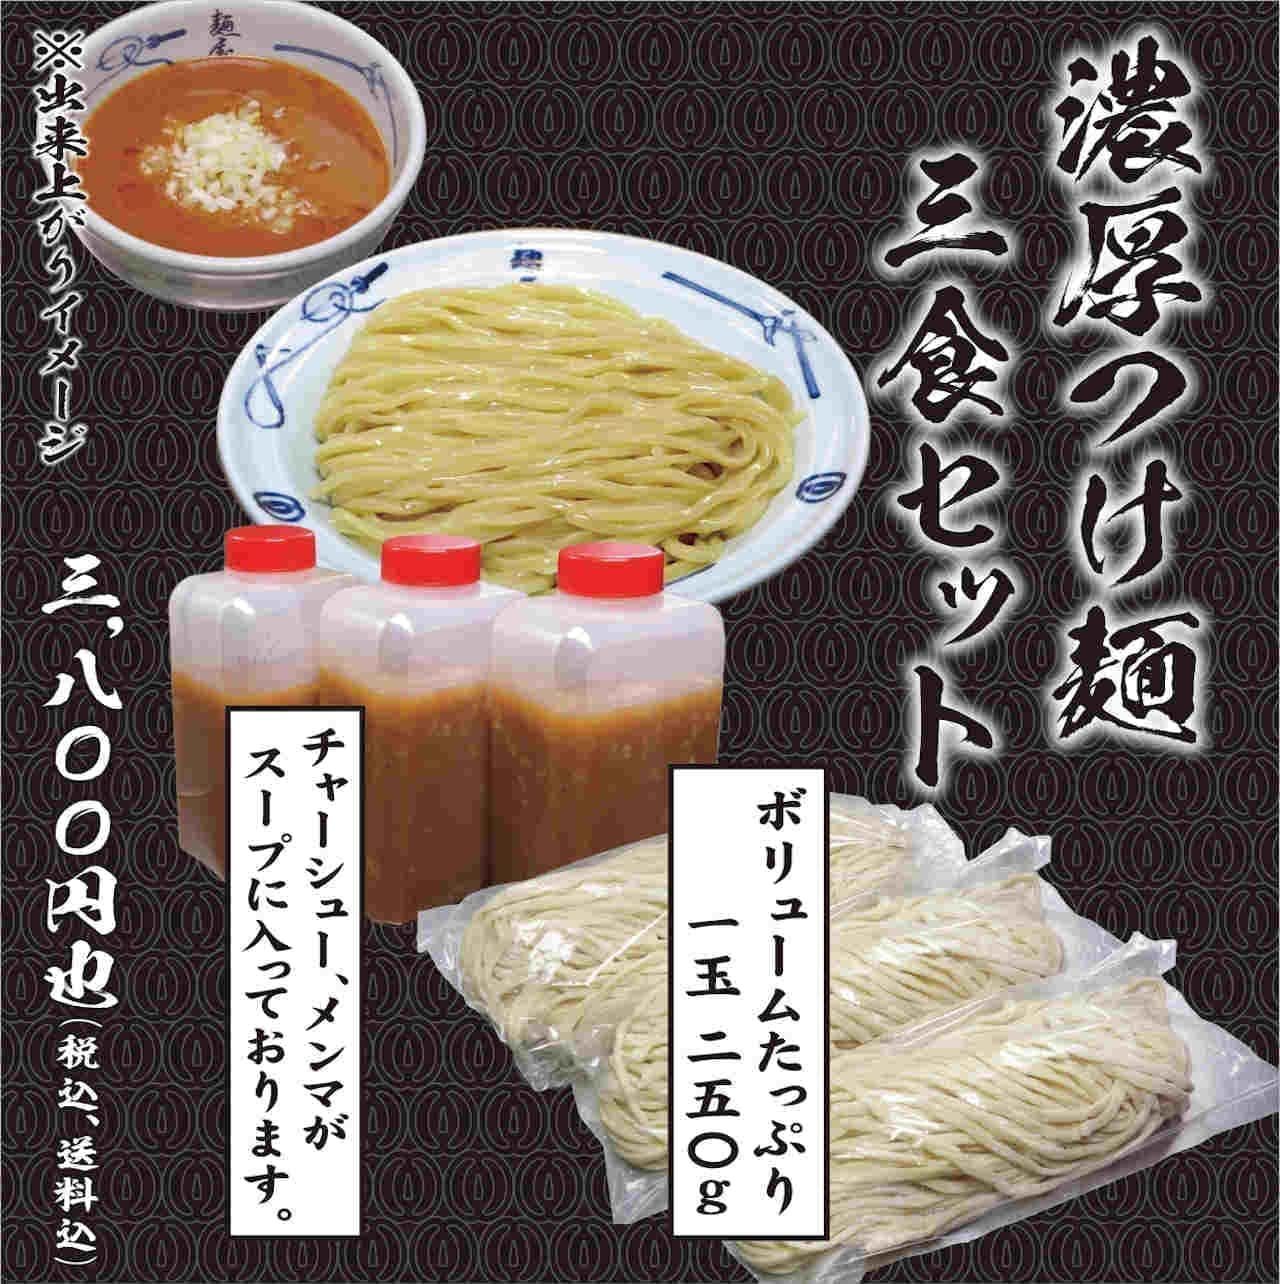 麺屋武蔵のつけ麺が、「お取り寄せつけ麺」